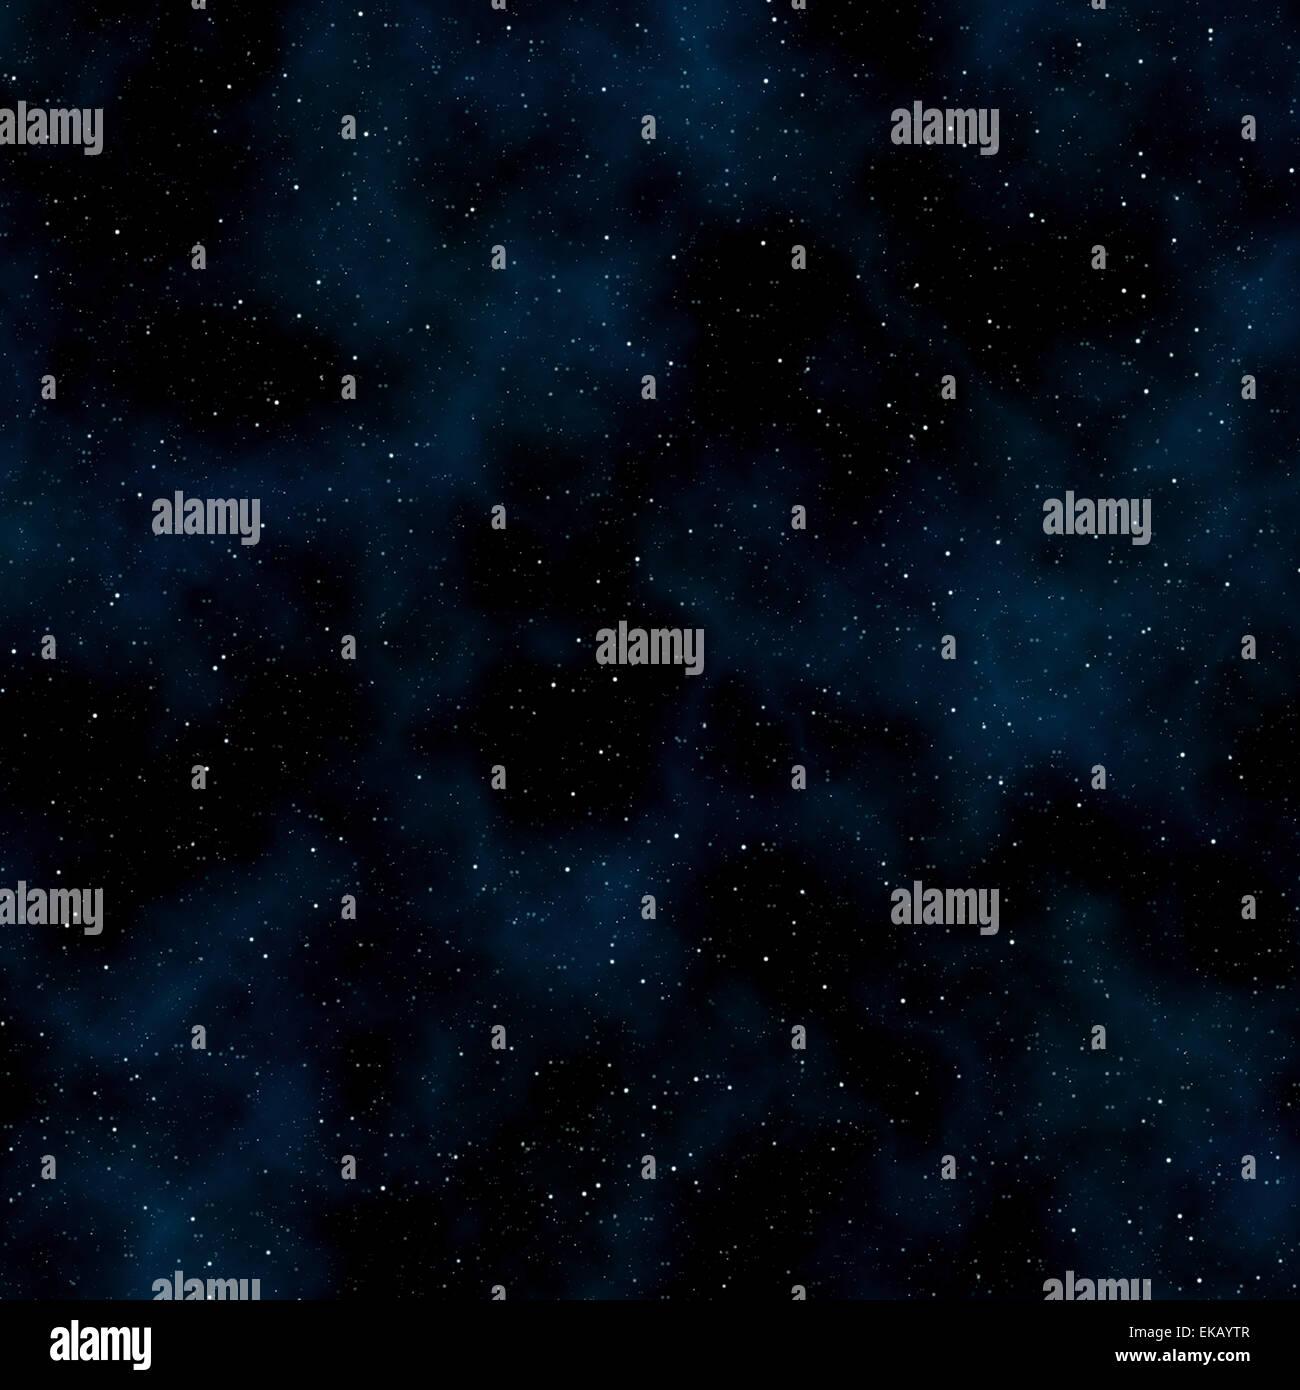 Spazio astratto background: stelle e nebulose Immagini Stock